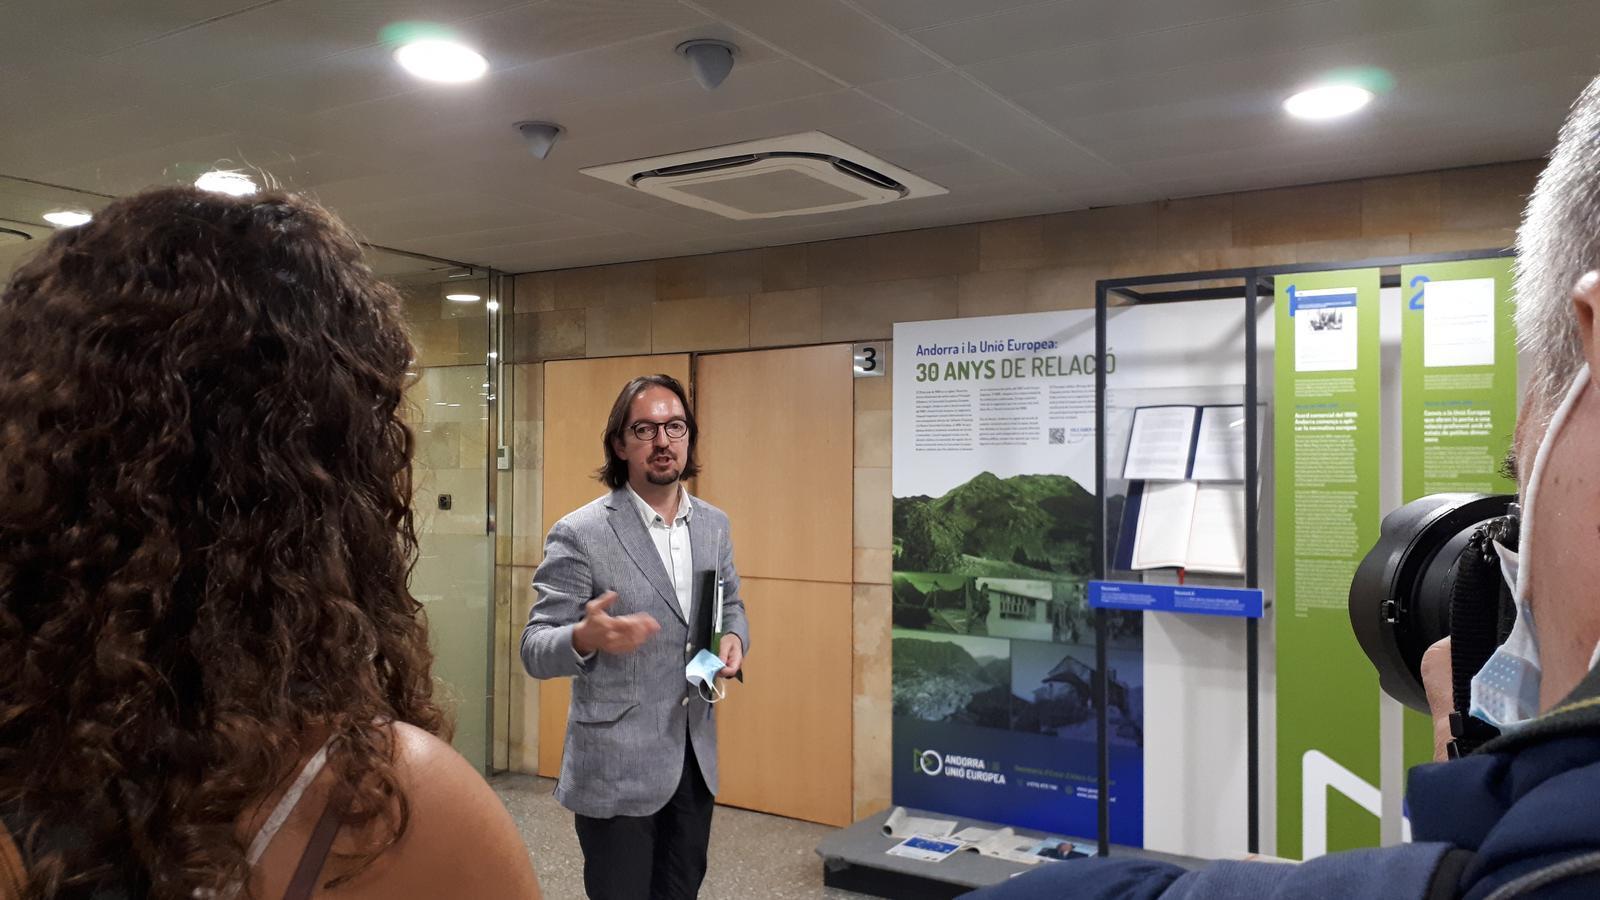 Landry Riba és secretari d'Estat d'Afers Europeus